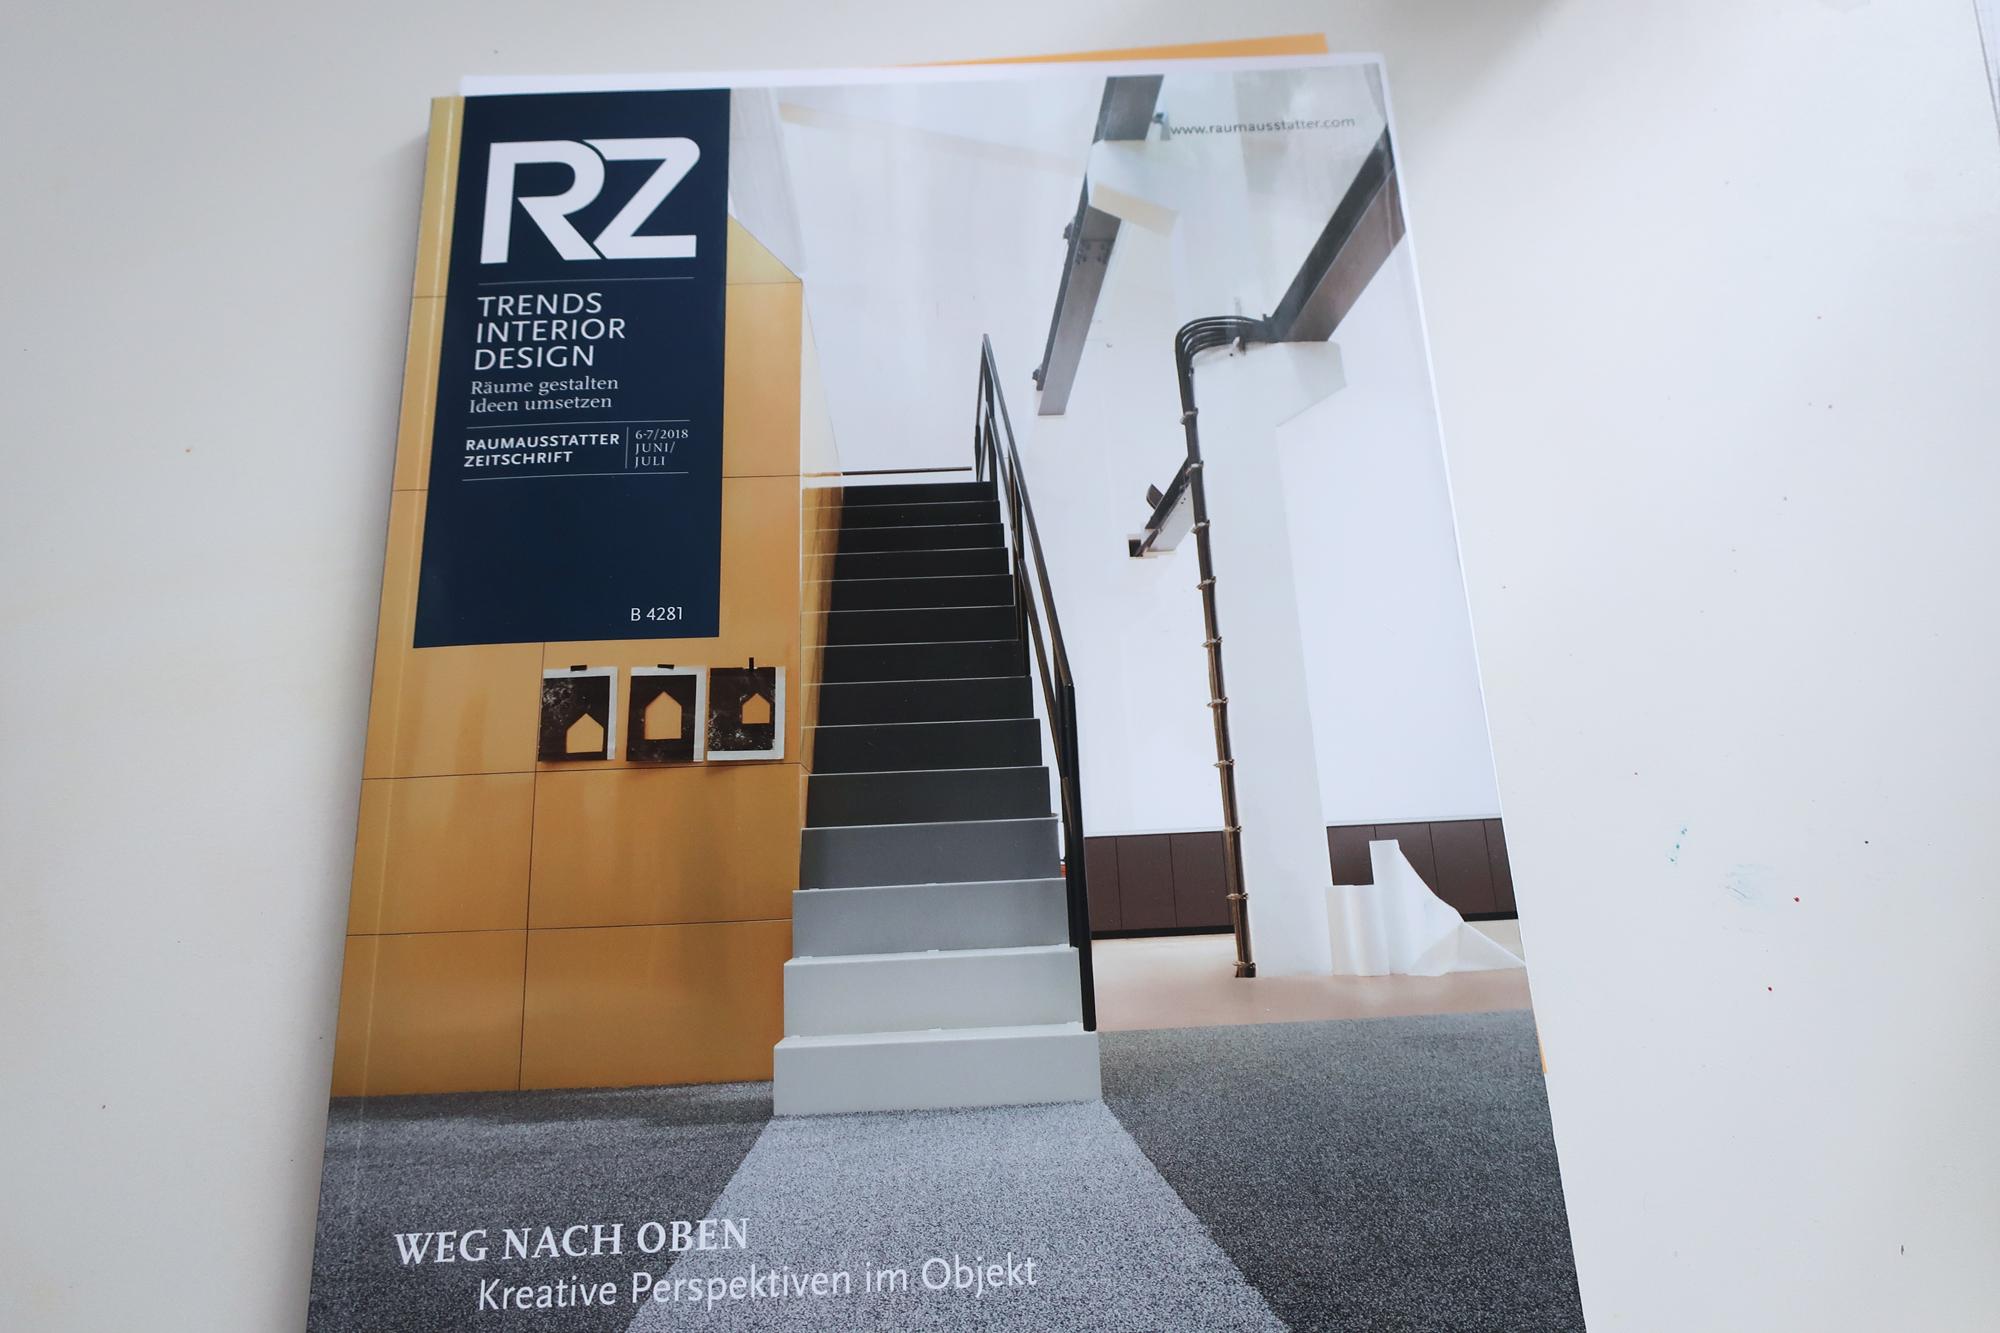 RZ-Farbe-Objekt-Raumgestaltung